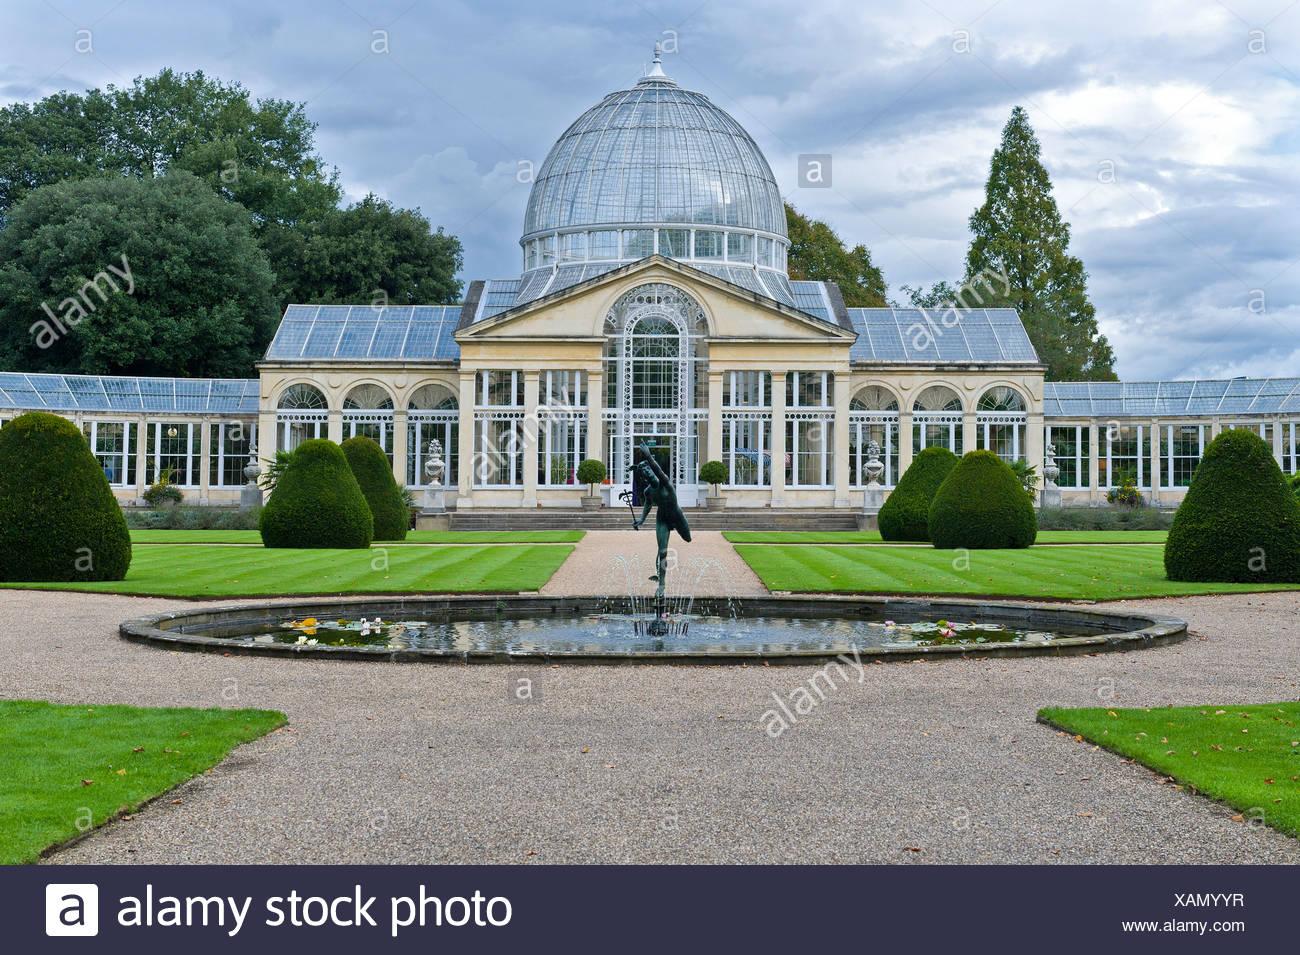 Efecto invernadero, modelo para el Crystal Palace de Londres, Syon House, duque de Northumberland, la residencia londinense, Isleworth, Hounslow Foto de stock